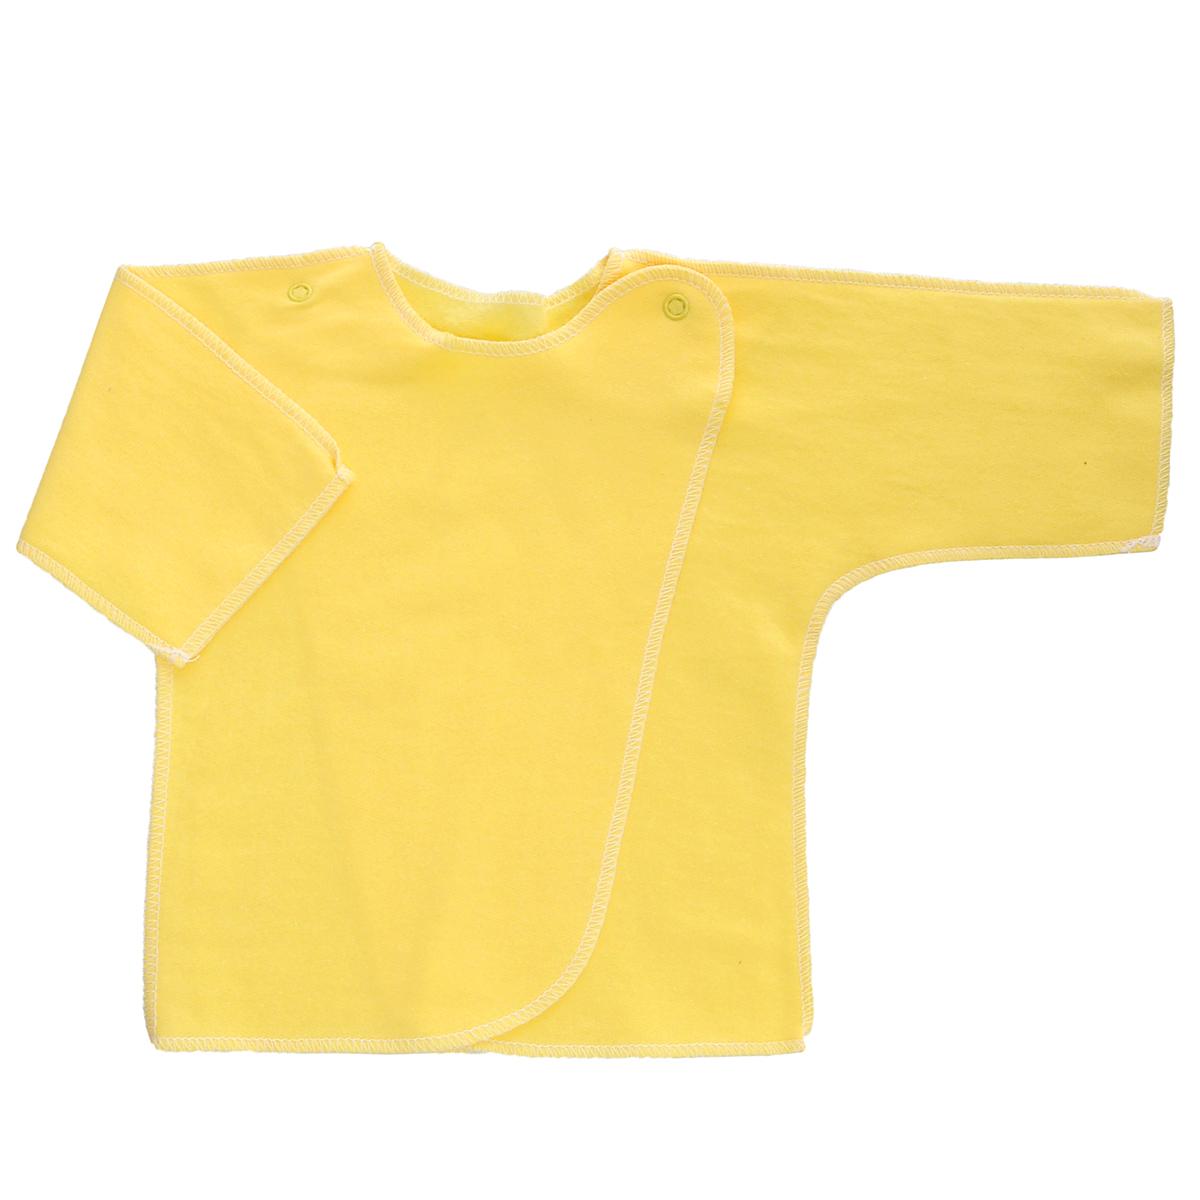 Распашонка Трон-Плюс, цвет: желтый. 5022. Размер 56, 1 месяц5022Распашонка Трон-плюс послужит идеальным дополнением к гардеробу младенца. Распашонка с рукавами-кимоно, выполненная швами наружу, изготовлена из футера - натурального хлопка, благодаря чему она необычайно мягкая и легкая, не раздражает нежную кожу ребенка и хорошо вентилируется, а эластичные швы приятны телу малыша и не препятствуют его движениям. Распашонка с запахом, застегивается при помощи двух кнопок на плечах, которые позволяют без труда переодеть ребенка. Распашонка полностью соответствует особенностям жизни ребенка в ранний период, не стесняя и не ограничивая его в движениях.